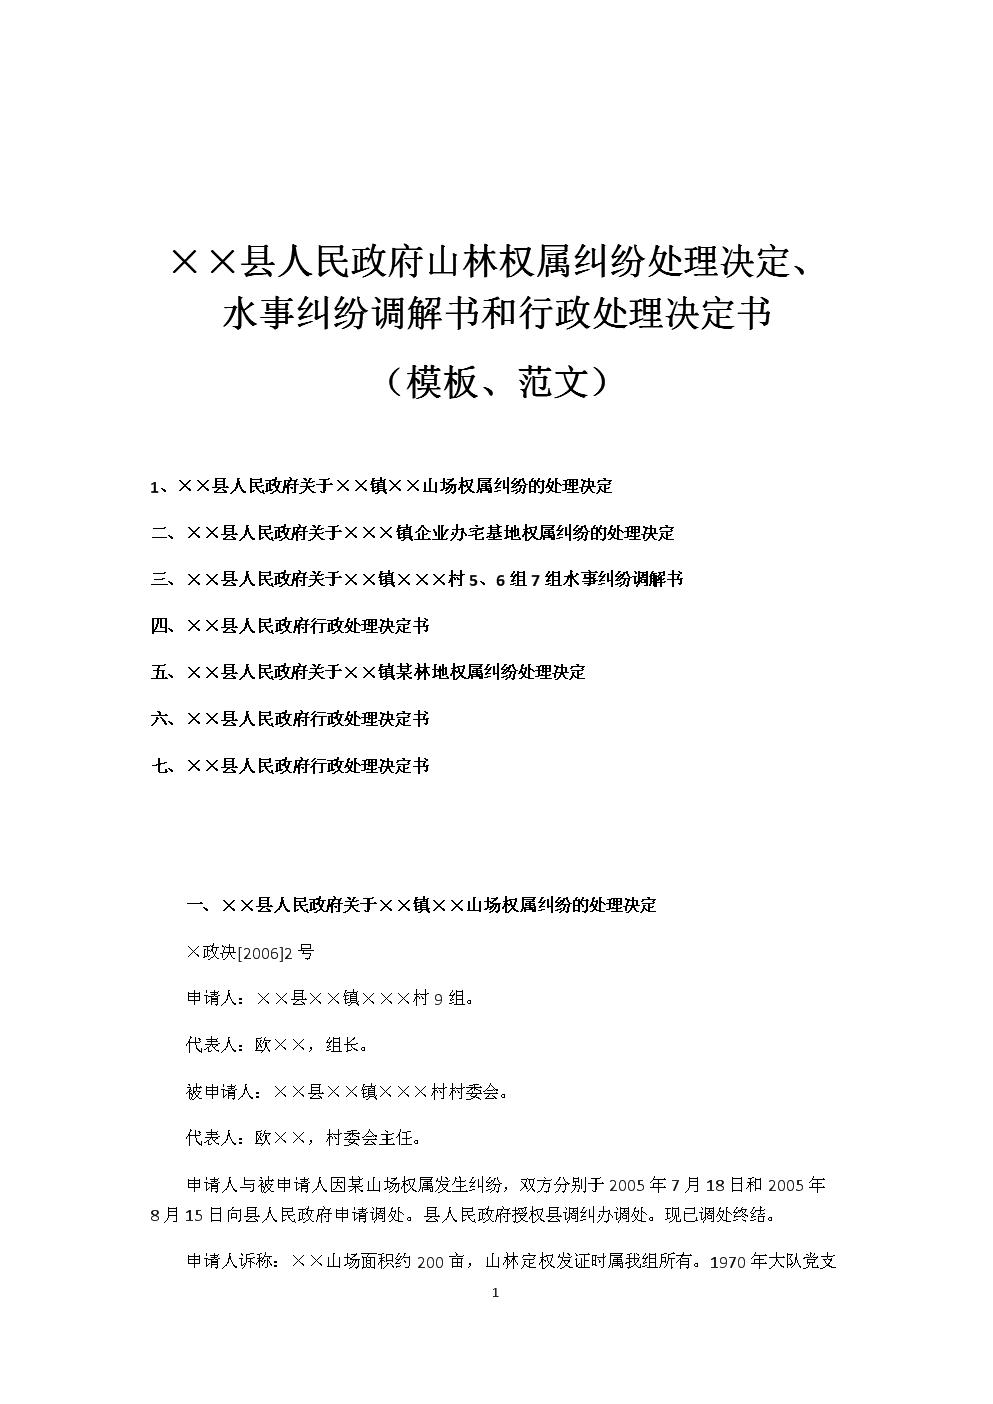 政府部门处理决定书范文模版.docx